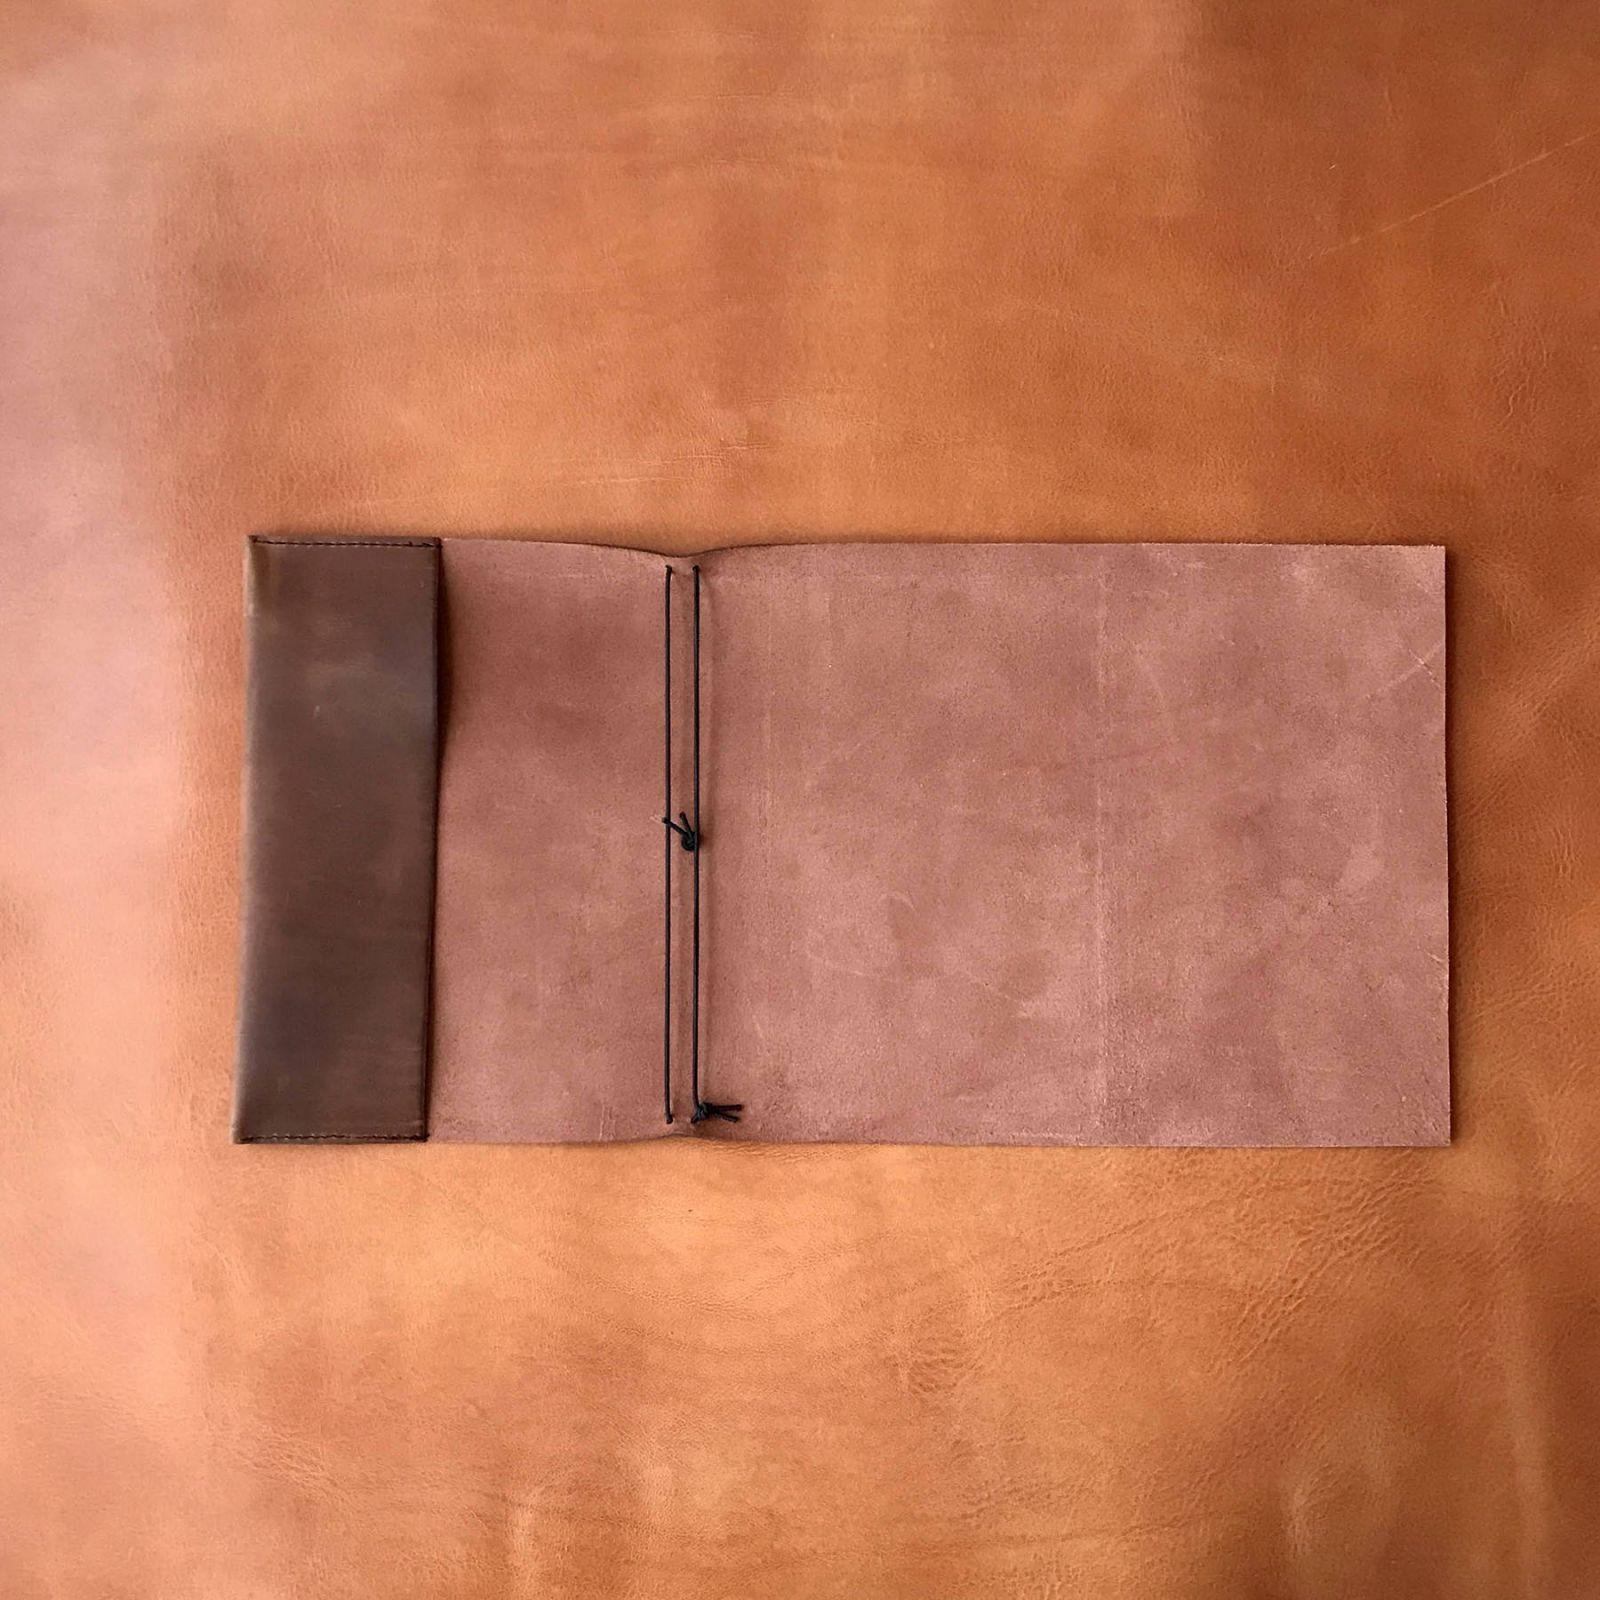 odine uzrasine dienorastis sketchbook gimtadienio dovanos vyrams sukaktuviu dovanu idejos vyrui dizaineriui programuotojui menininkui muzikantui darbo knyga 49